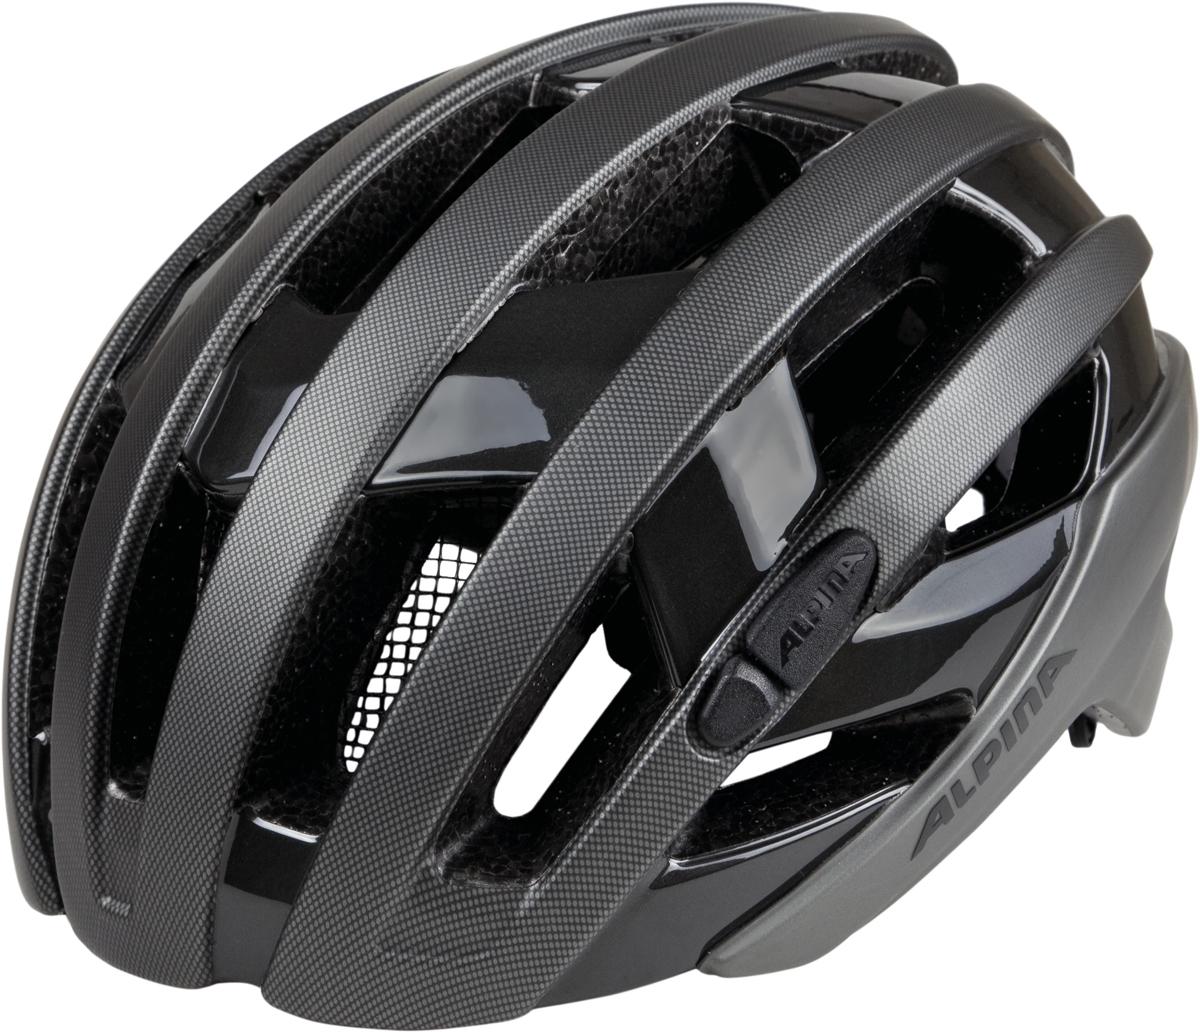 Велошлем Alpina Campiglio, цвет: темно-серый. Размер 51-56 см